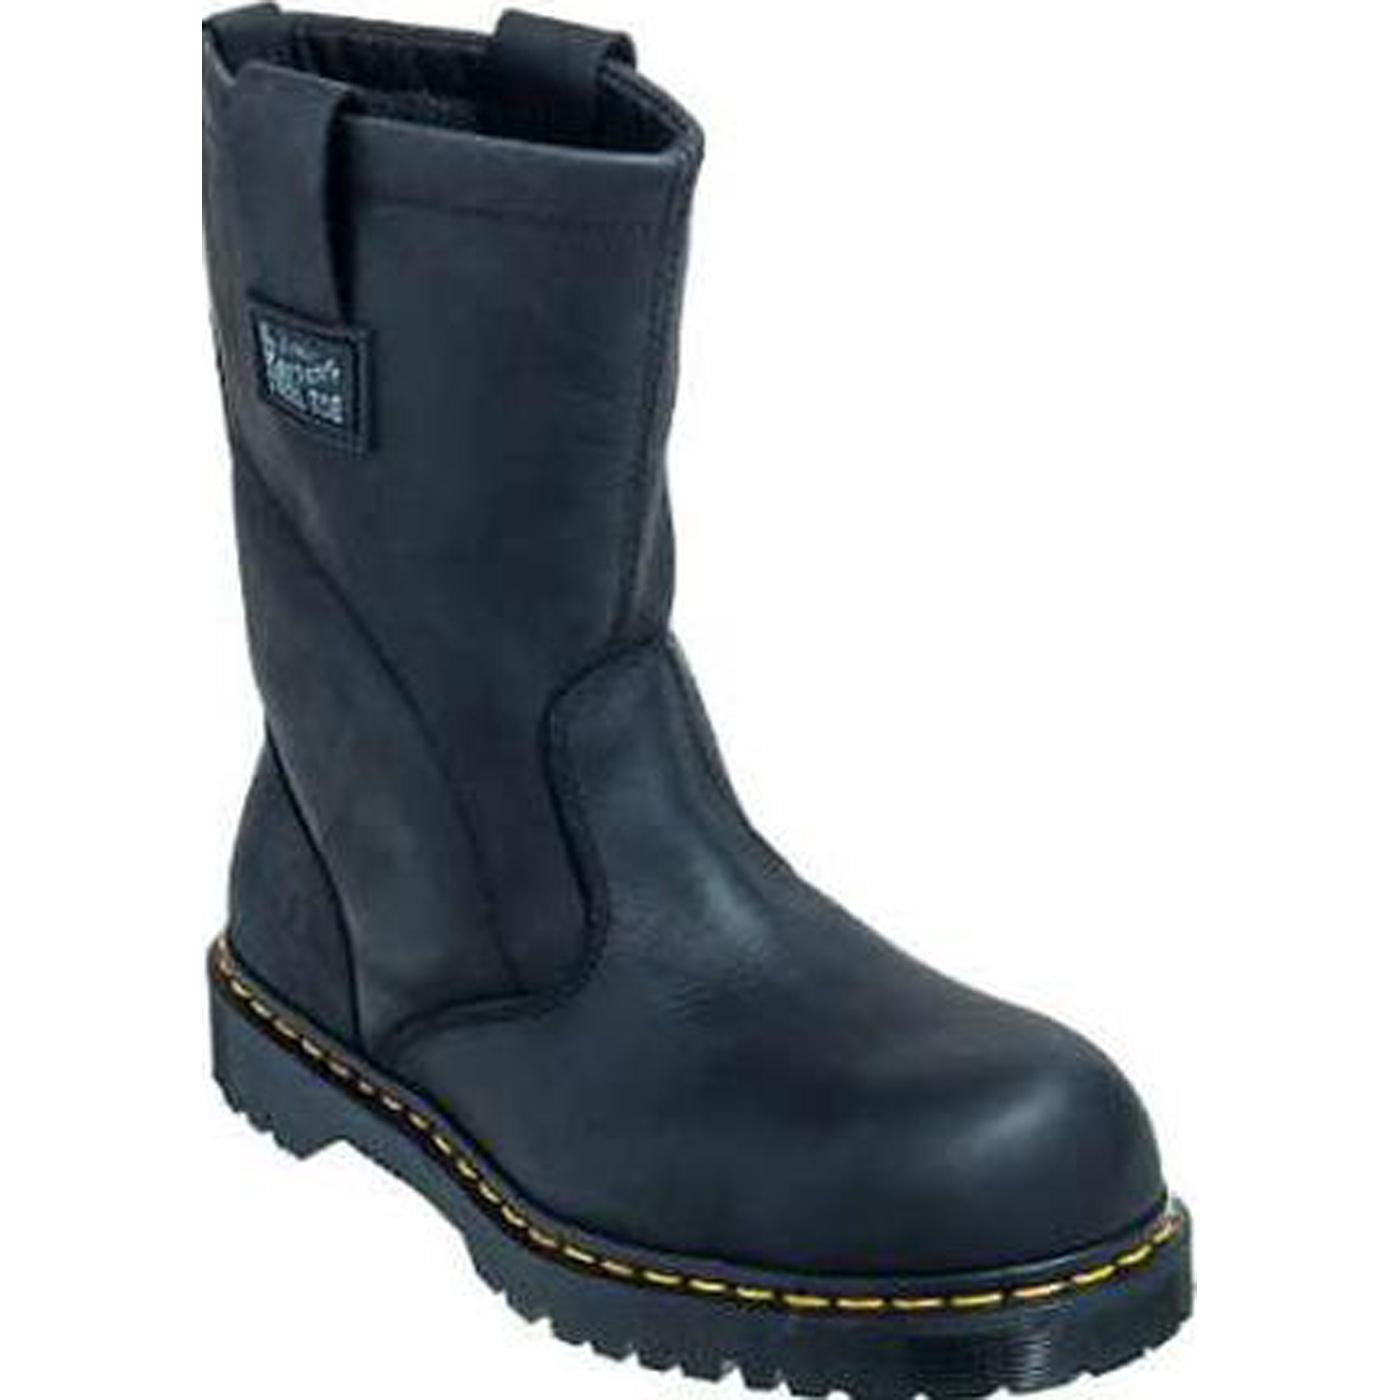 baaeb7eeb64 Dr. Martens Icon Steel Toe XW Wellington Work Boot